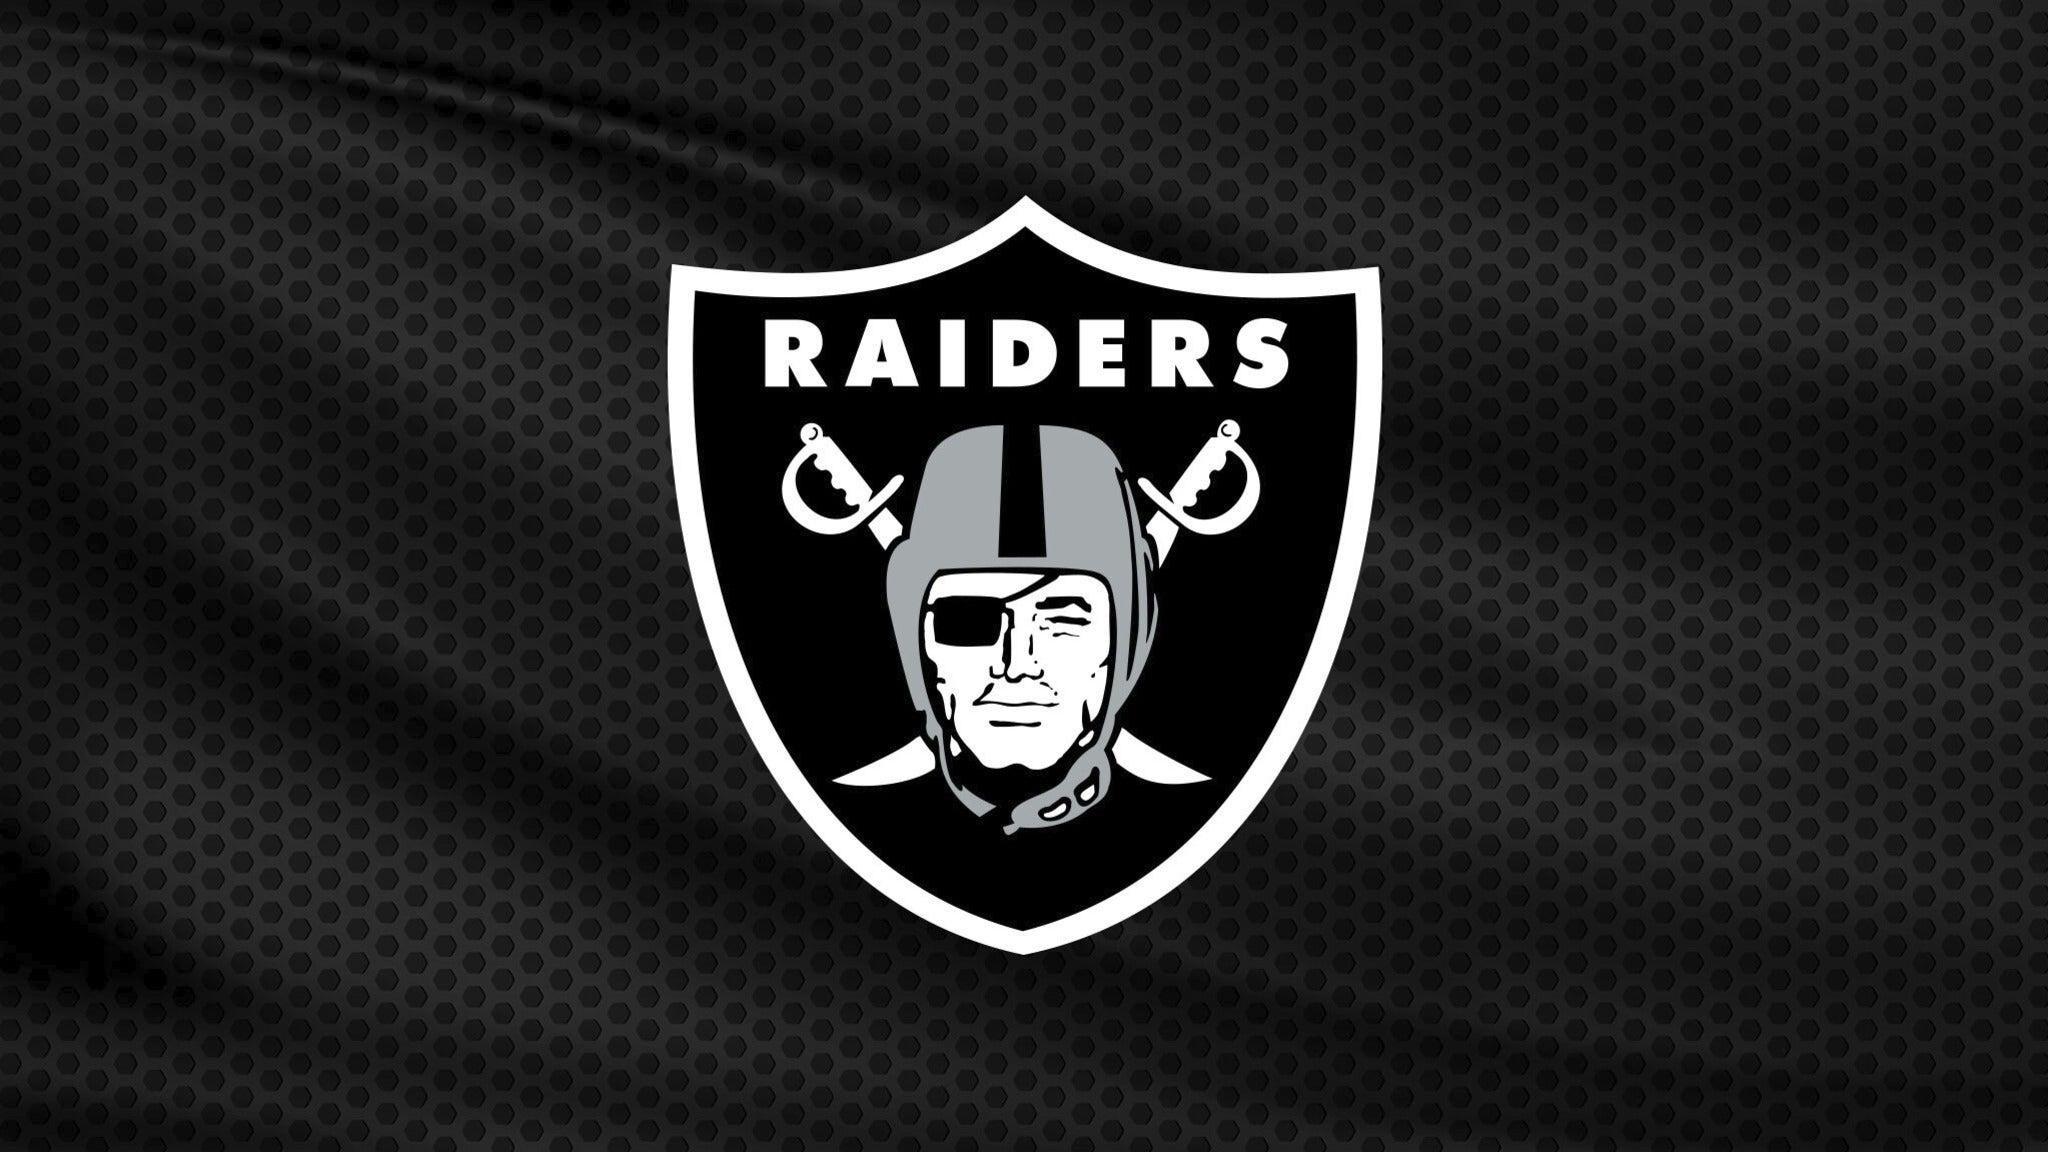 Las Vegas Raiders vs. Tampa Bay Buccaneers